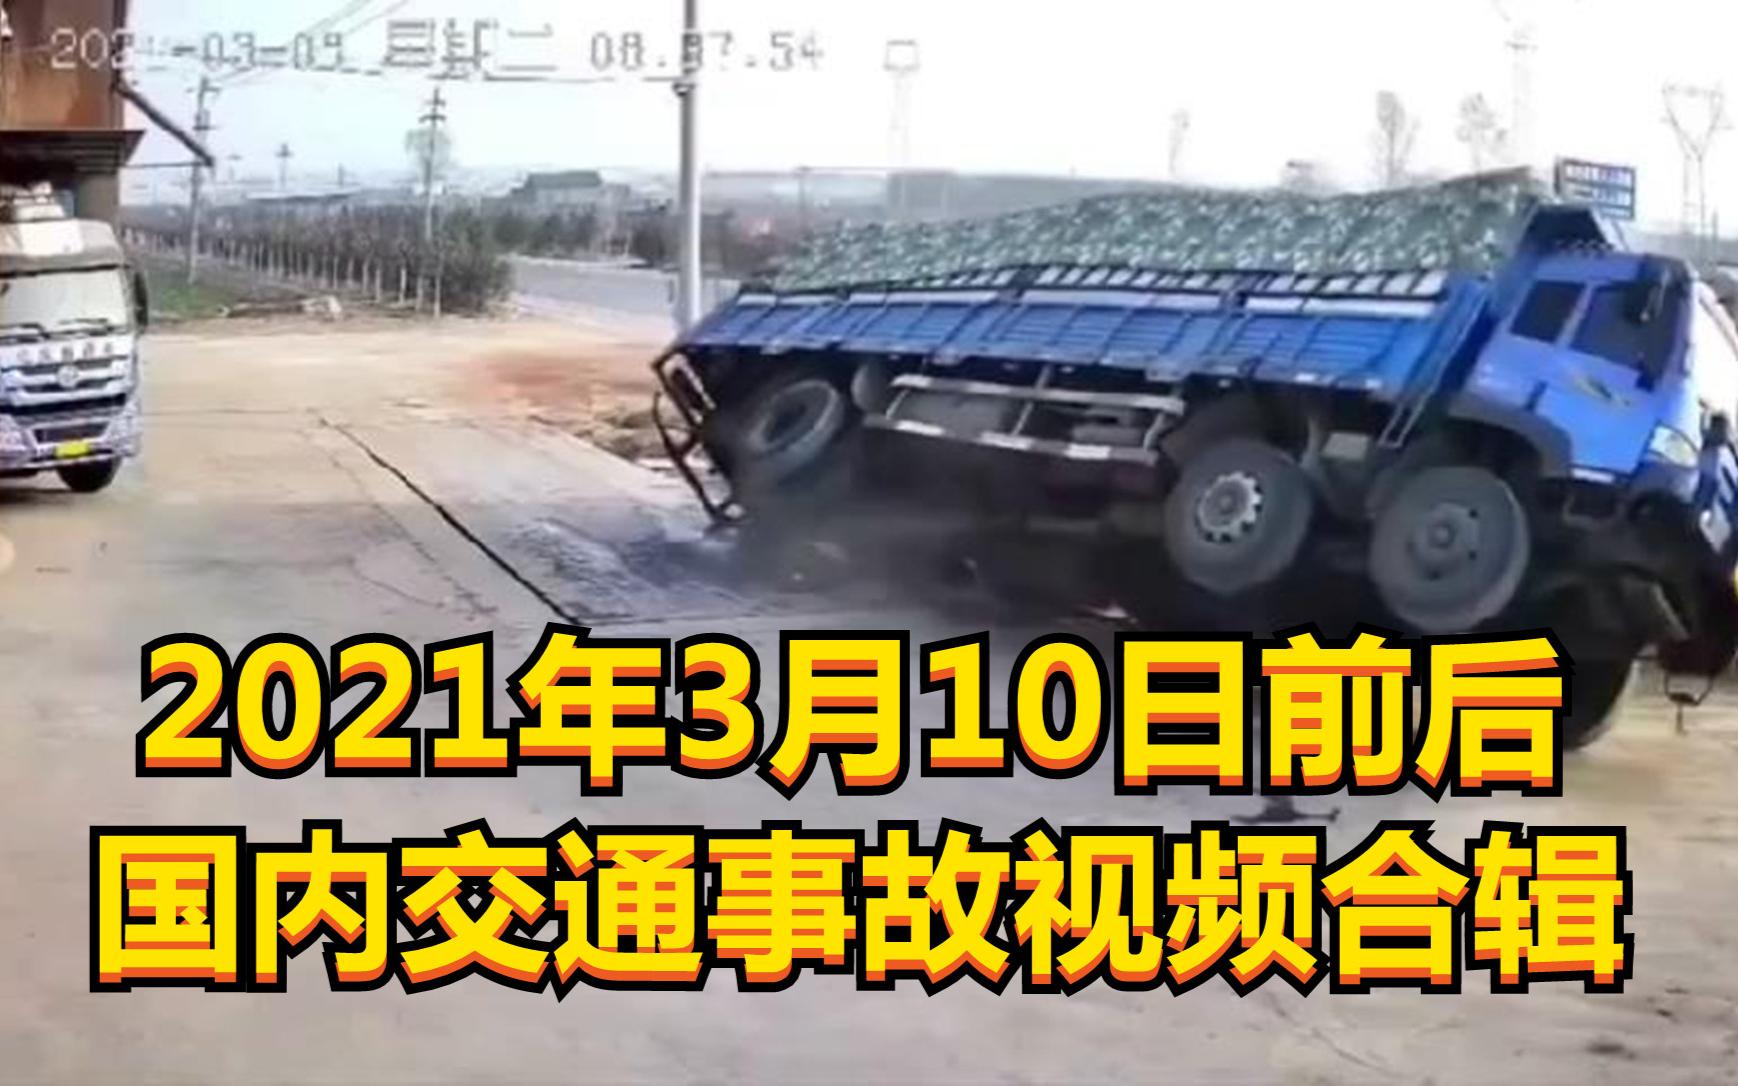 2021年3月10日前后国内交通事故视频合辑